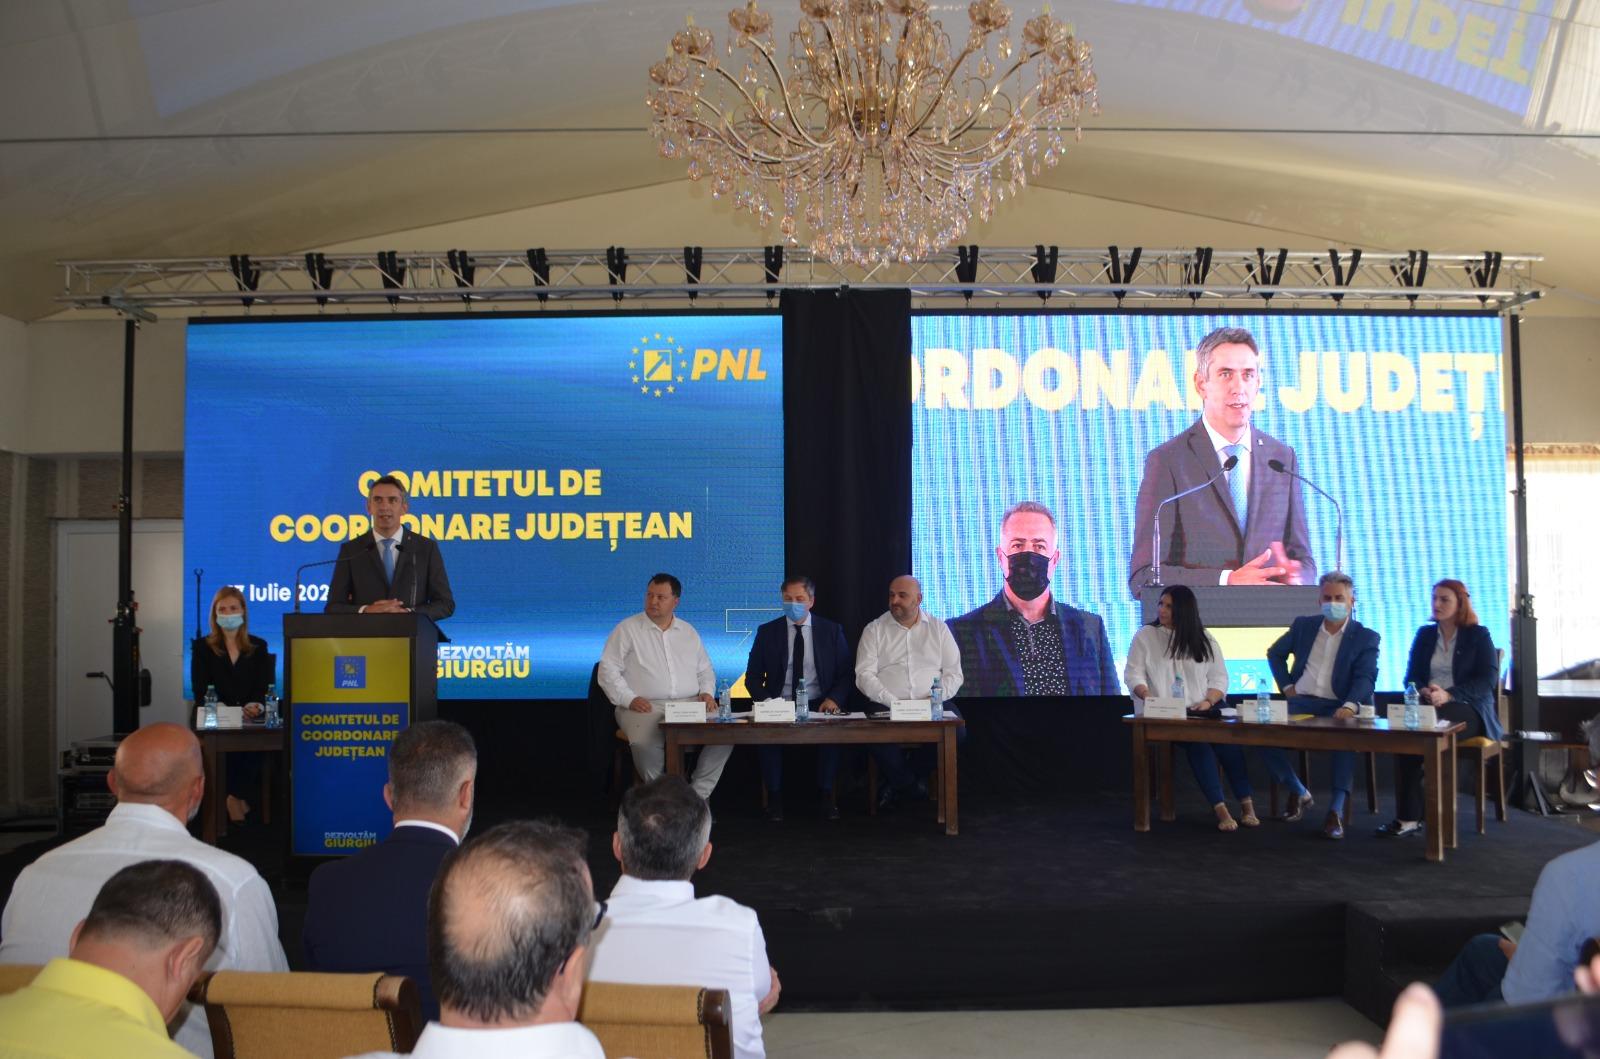 Organizaţia Judeţeană PNL Giurgiu şi-a ales preşedintele în persoana europarlamentarului PNL Dan Motreanu